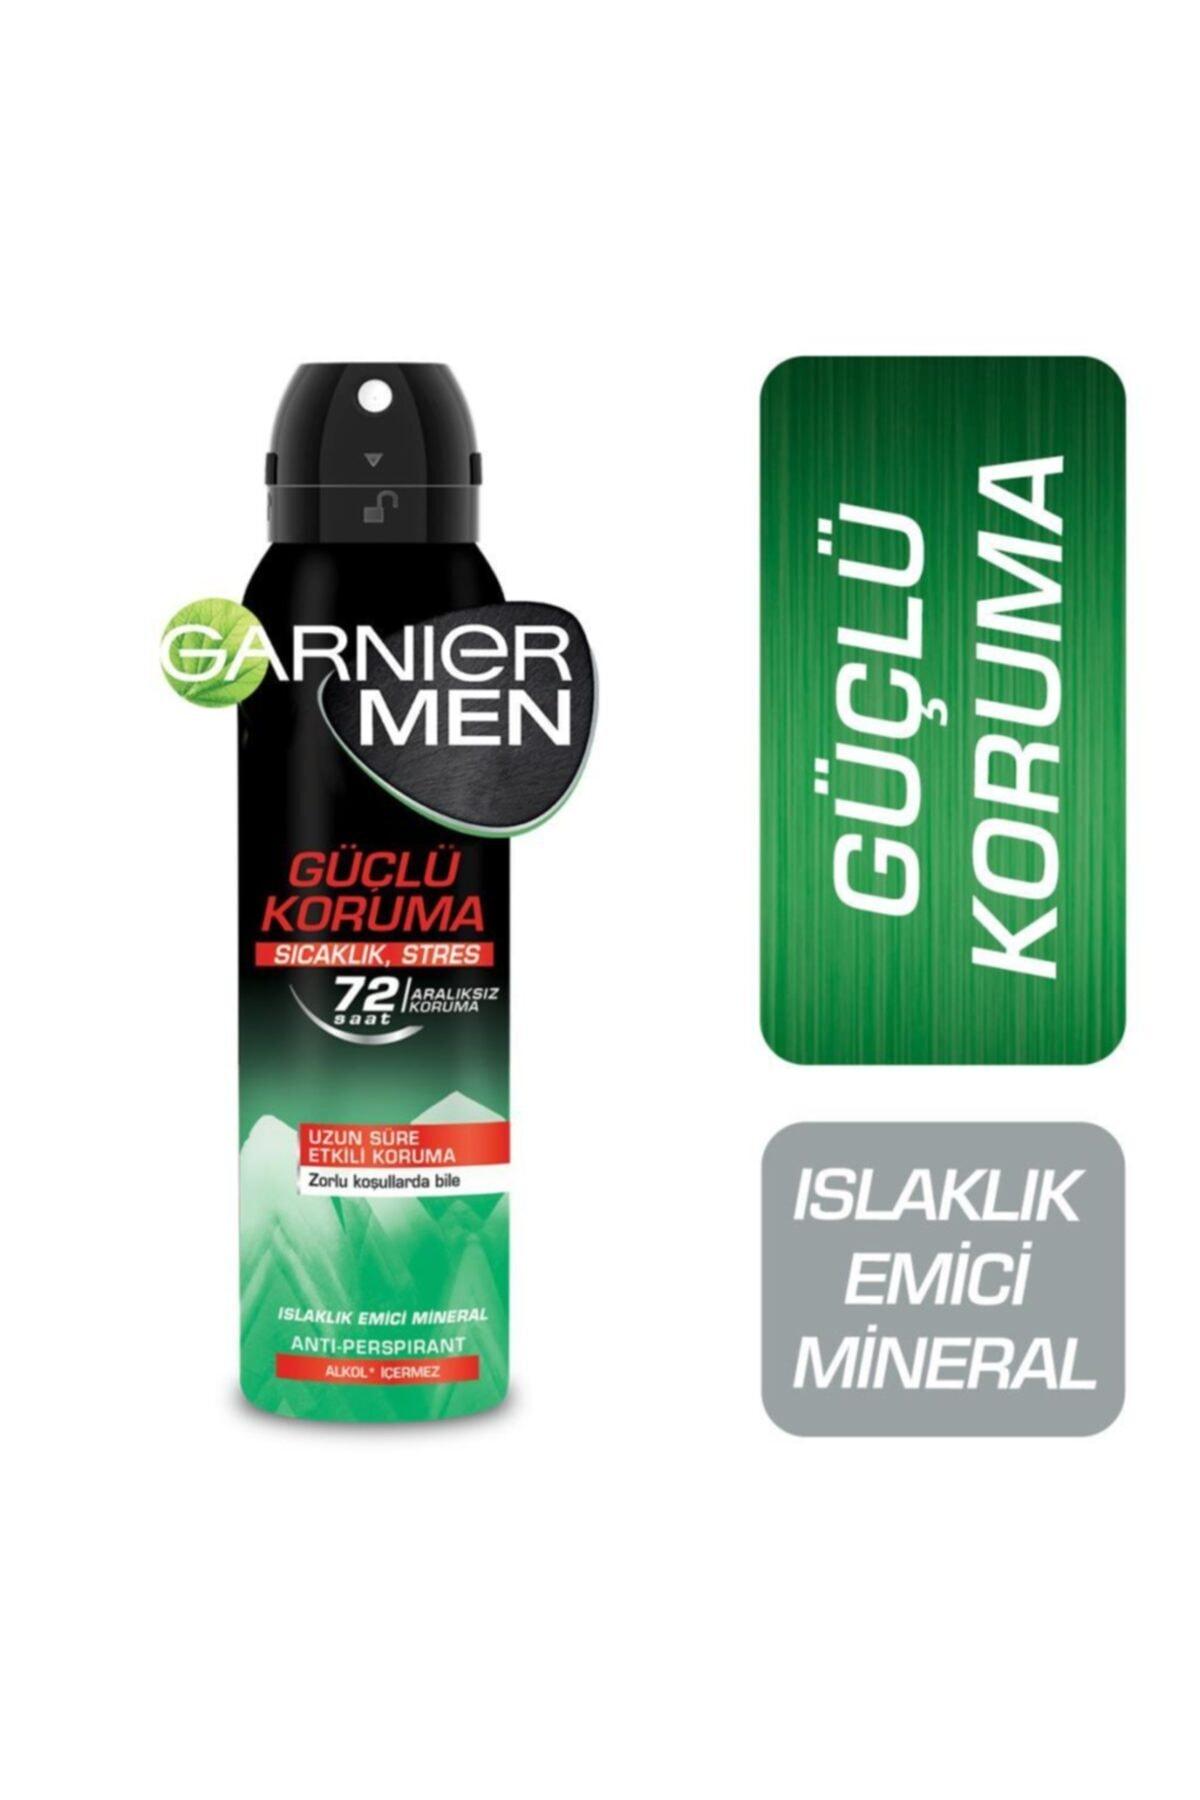 Garnier Men Güçlü Koruma Aerosol 3600542342292 1